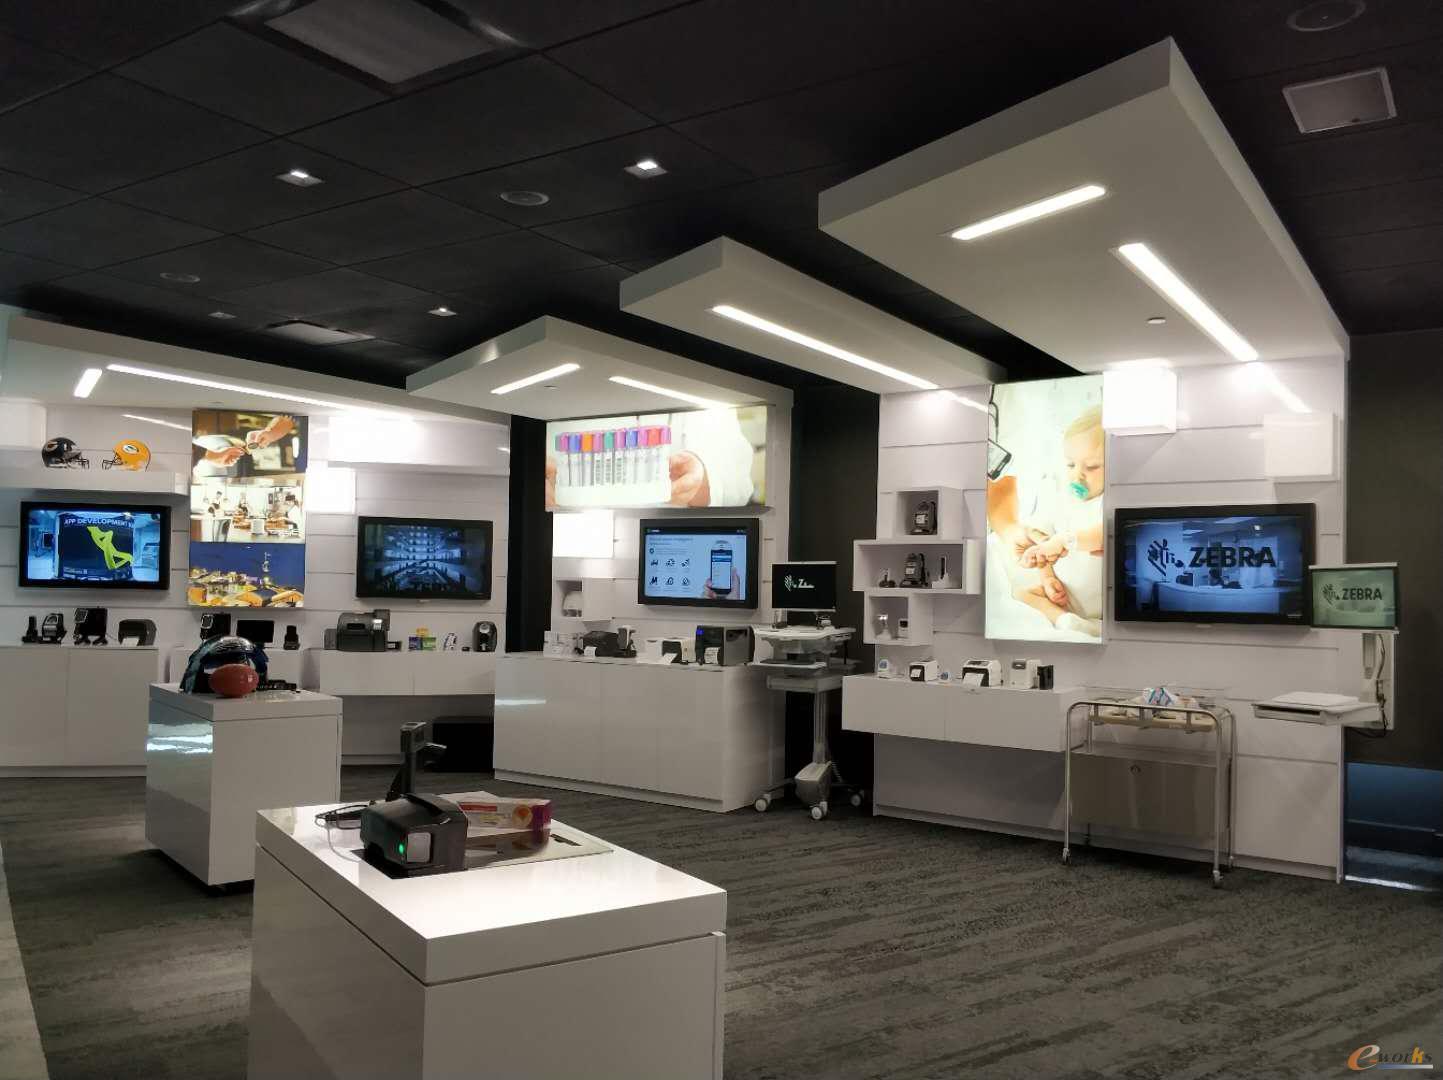 斑马技术公司的体验中心